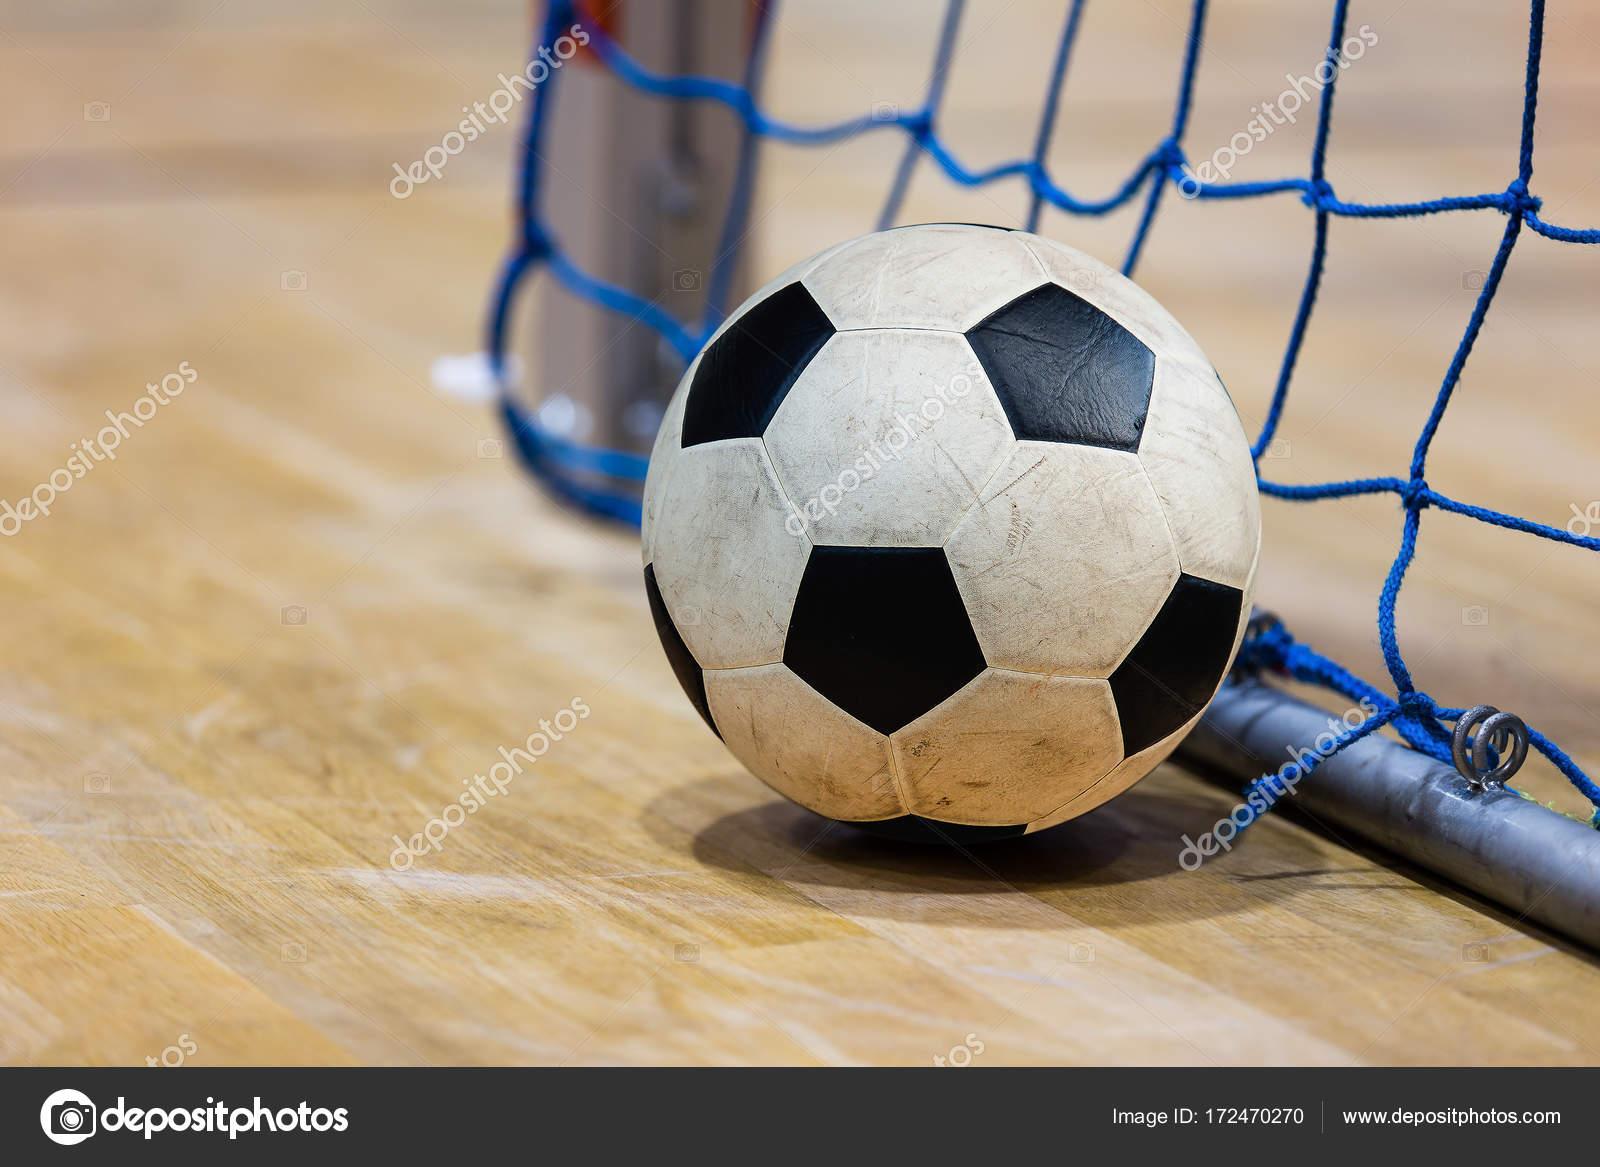 9b023797e578c Futebol futsal bola objetivo e andar. Salão de esportes de Futsal —  Fotografia de Stock